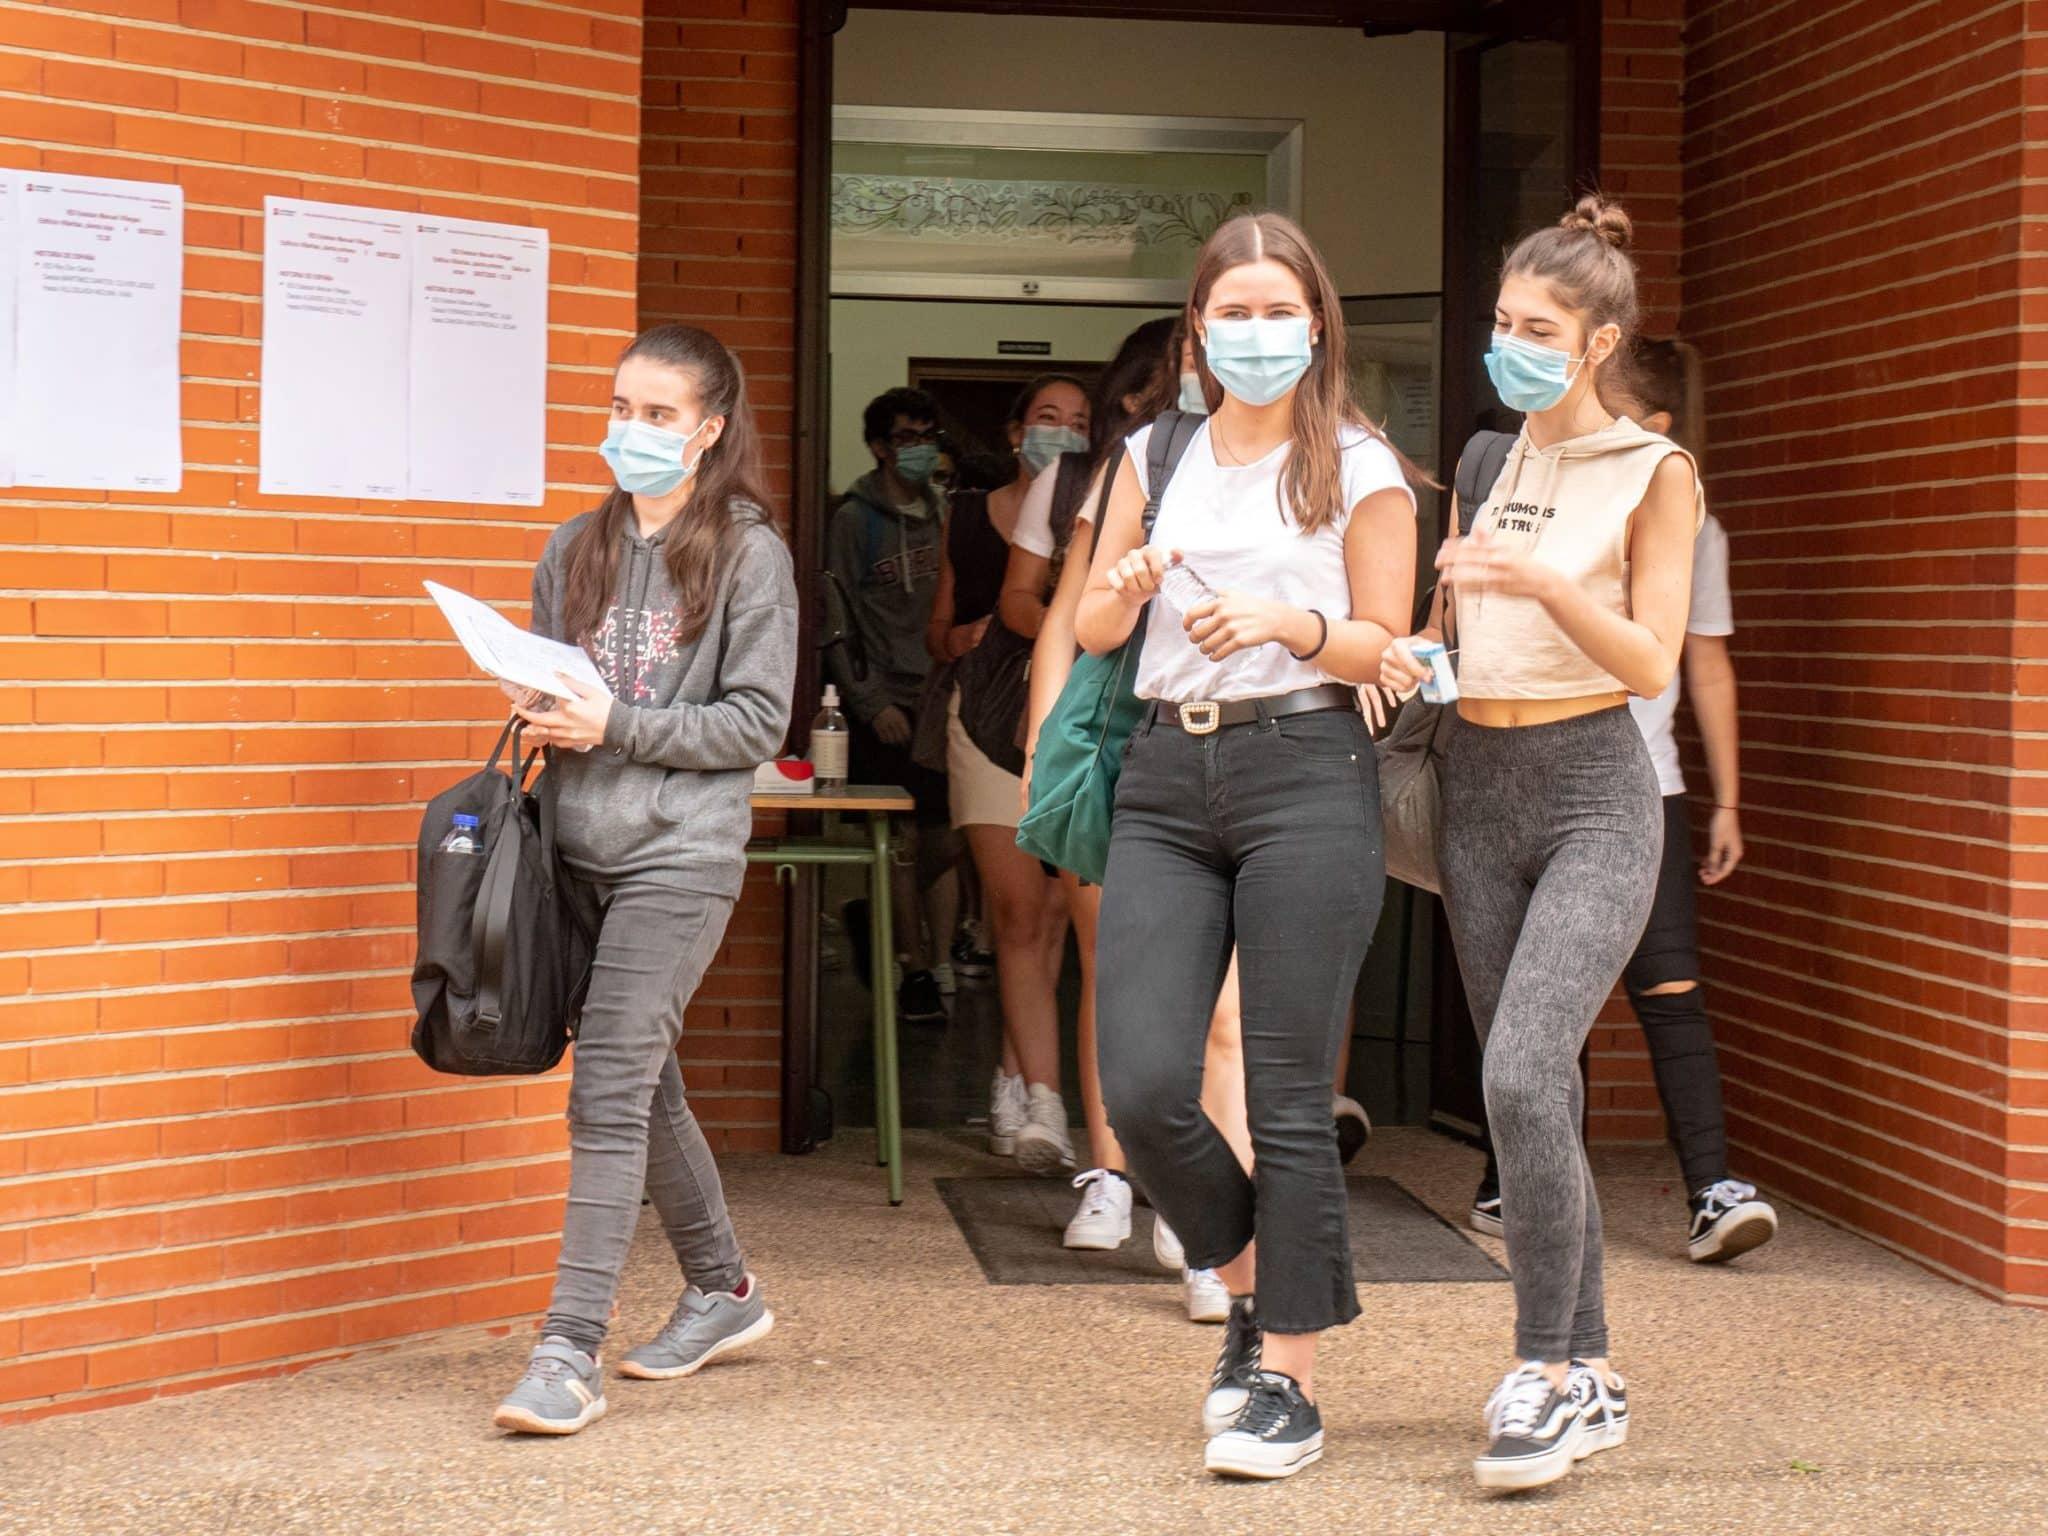 FOTOS: La EBAU se estrena en Haro por el COVID-19 27